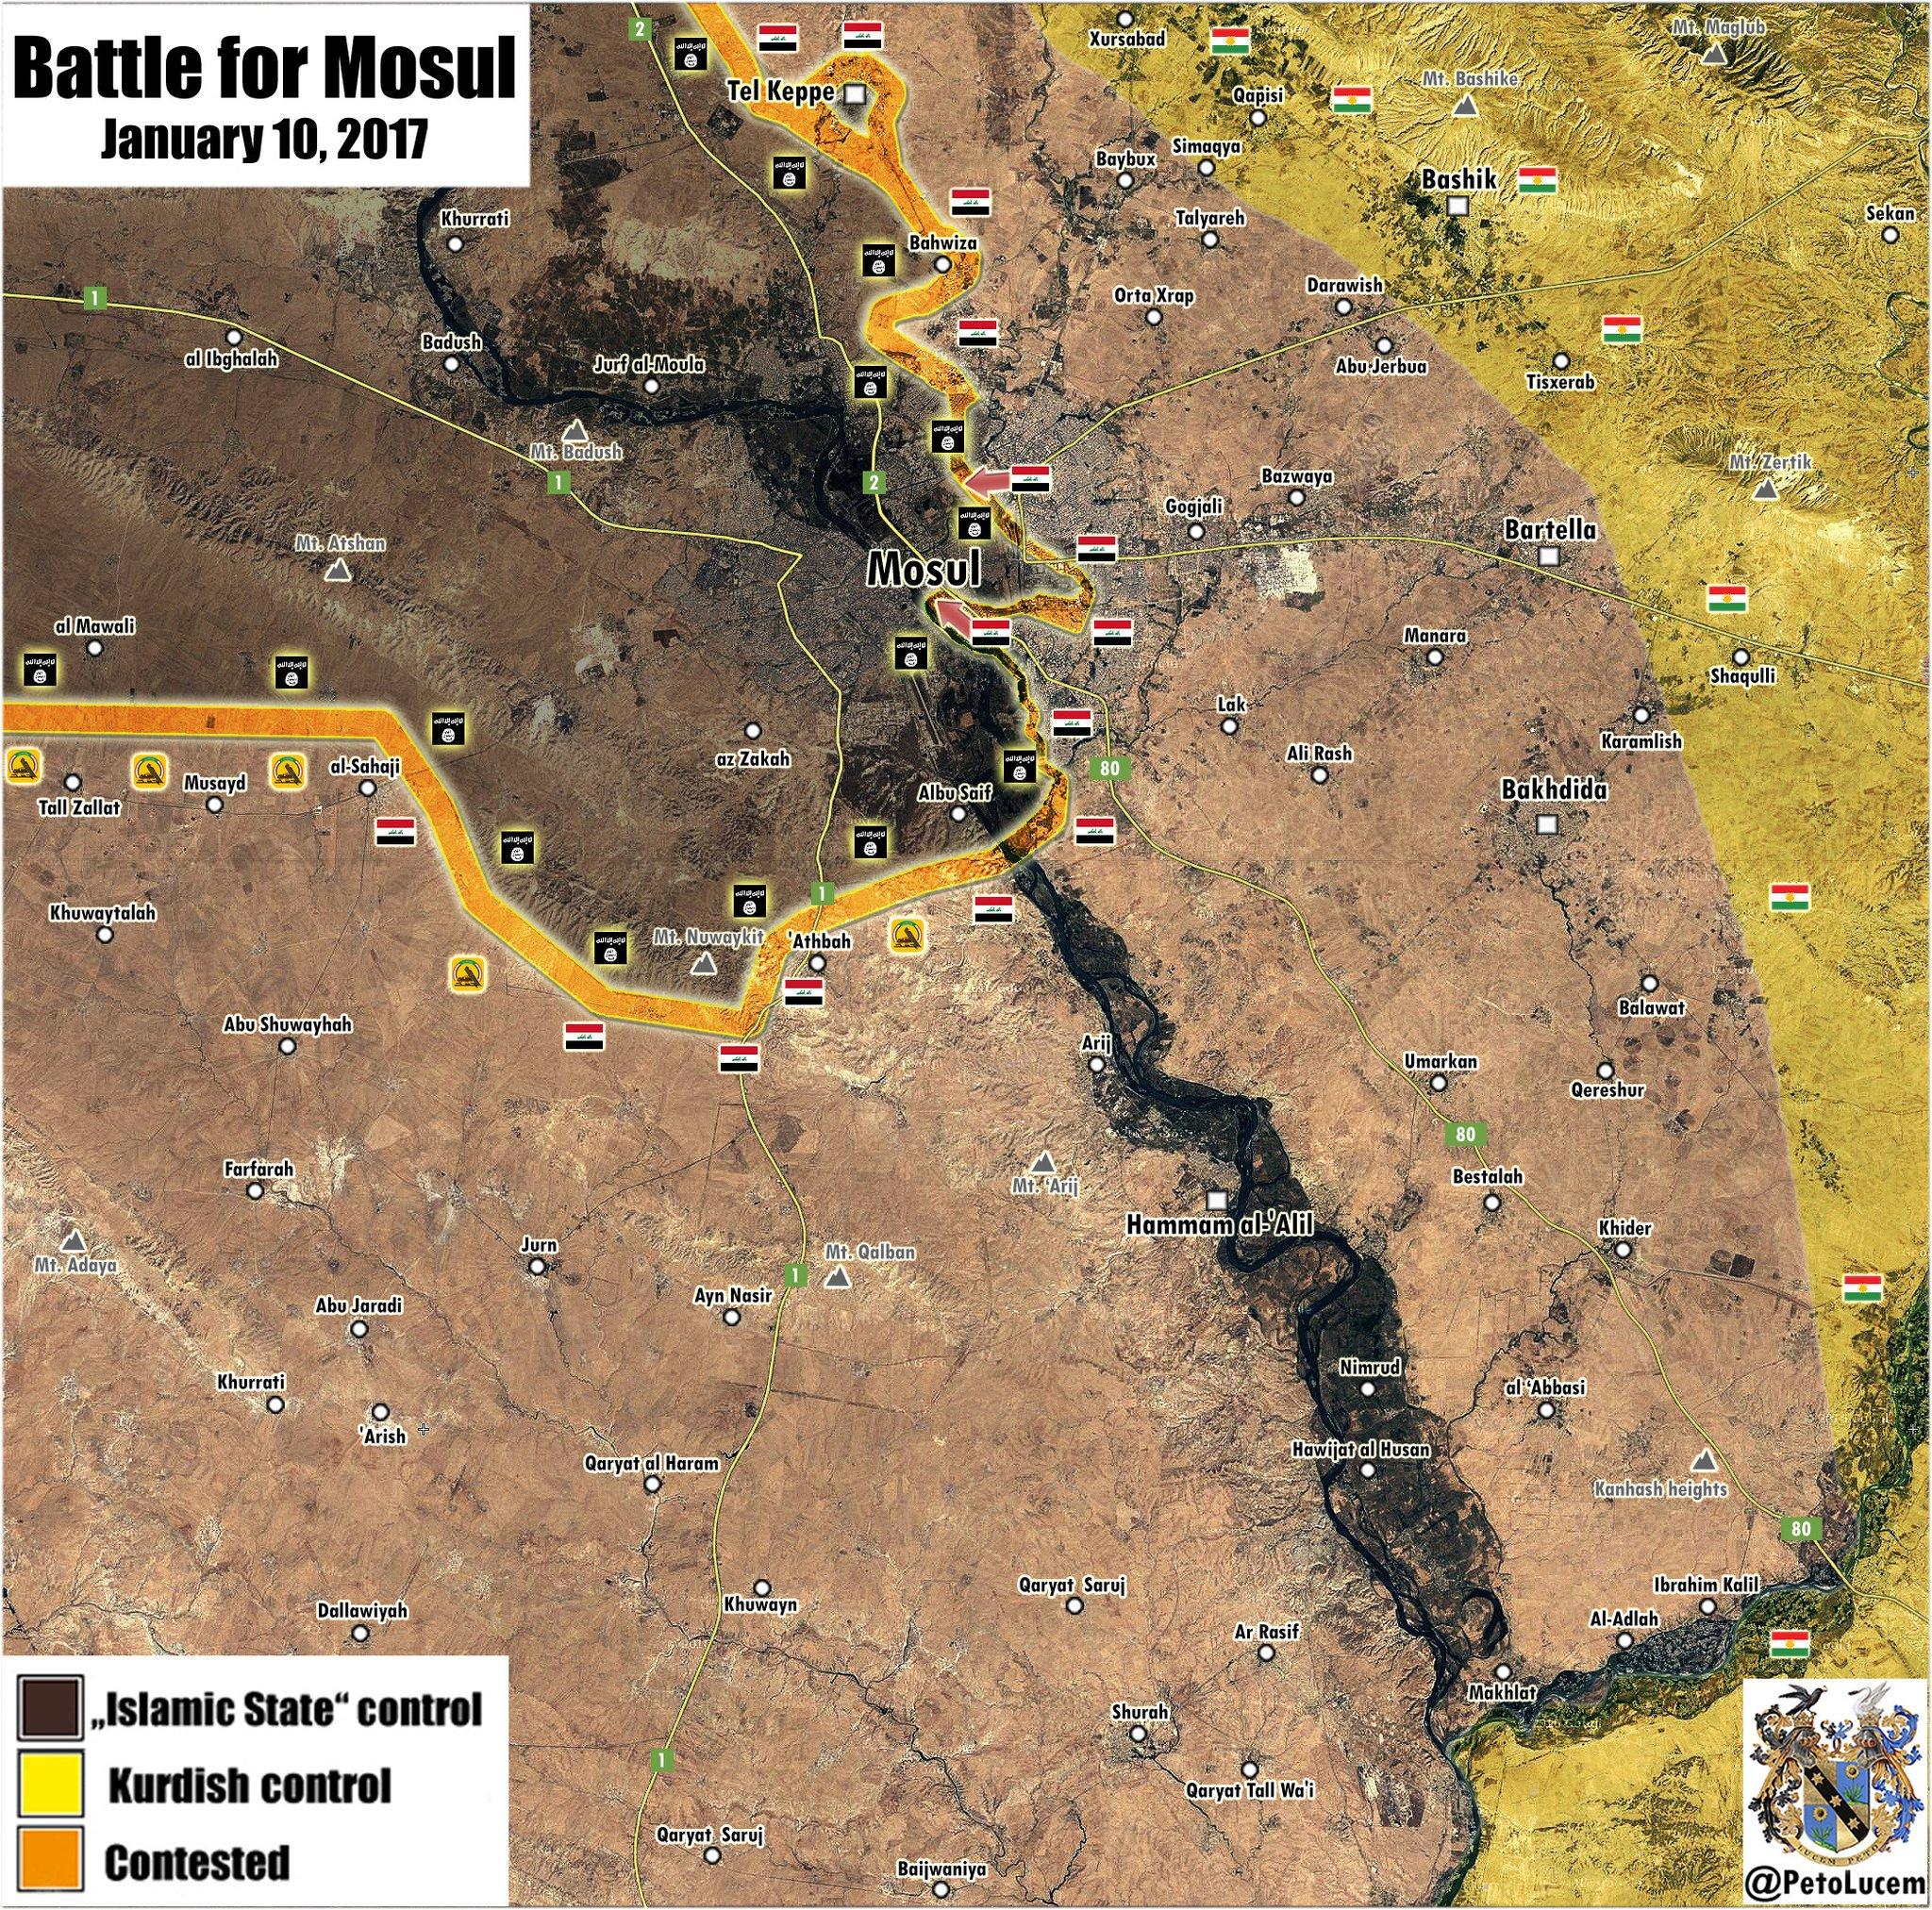 Klicken Sie auf die Karte um diese in voller Größe zu sehen - Karte: Twitter.com / @PetoLucem